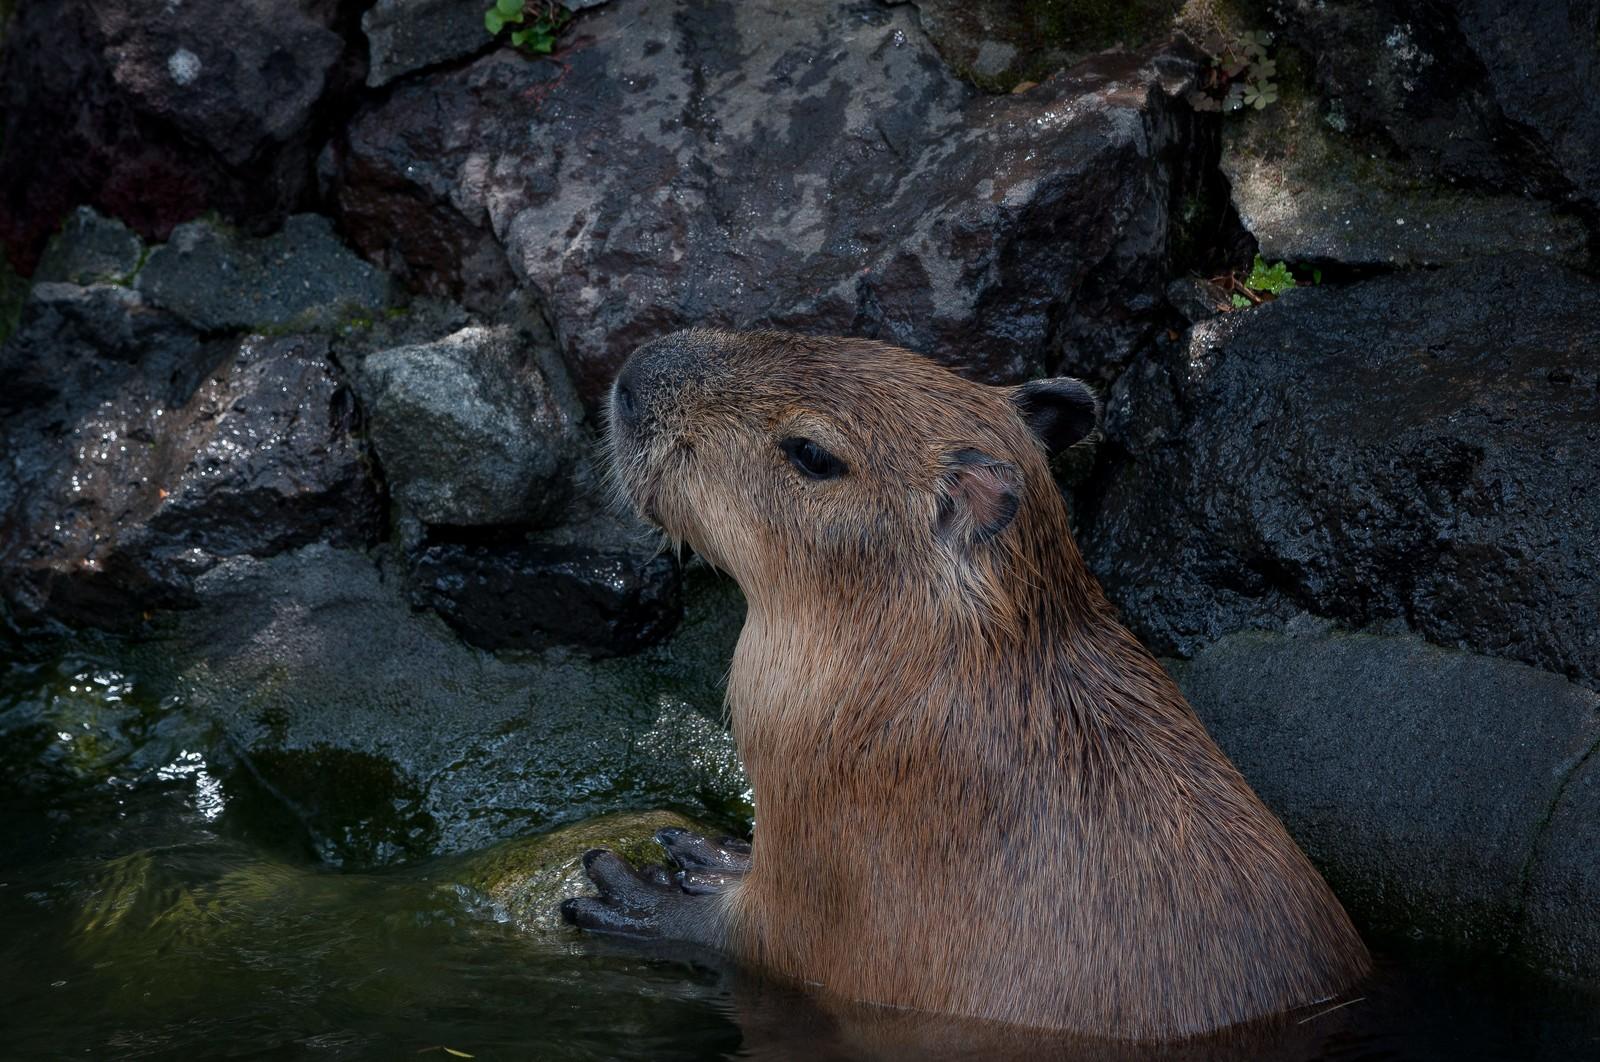 【瀬波まんじゅう】と【夕映えぶりゅれ】新潟県 瀬波温泉のお土産はこの2つがオススメ!